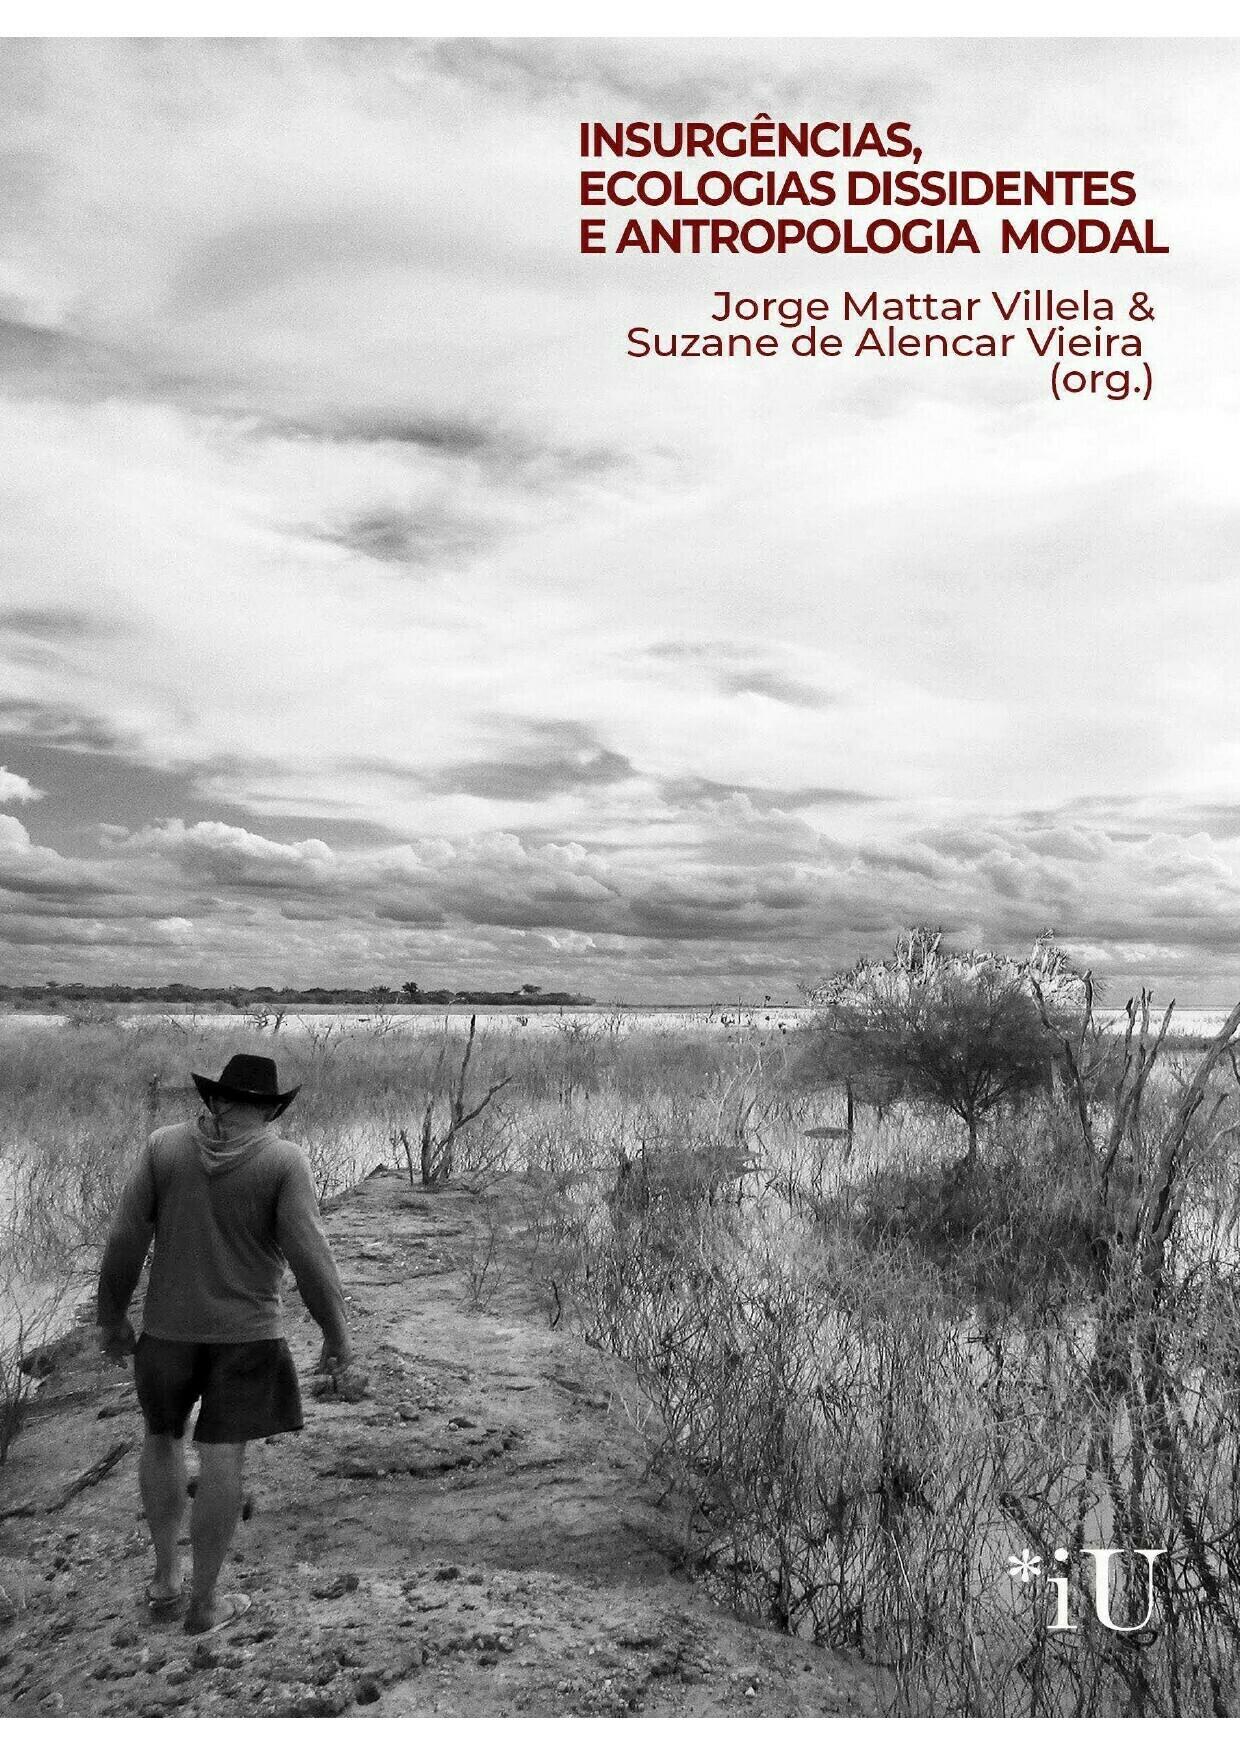 Livro Insurgências, ecologias dissidentes e ontologias ambientais. VILLELA, Jorge, VIEIRA, Suzane (Orgs.)